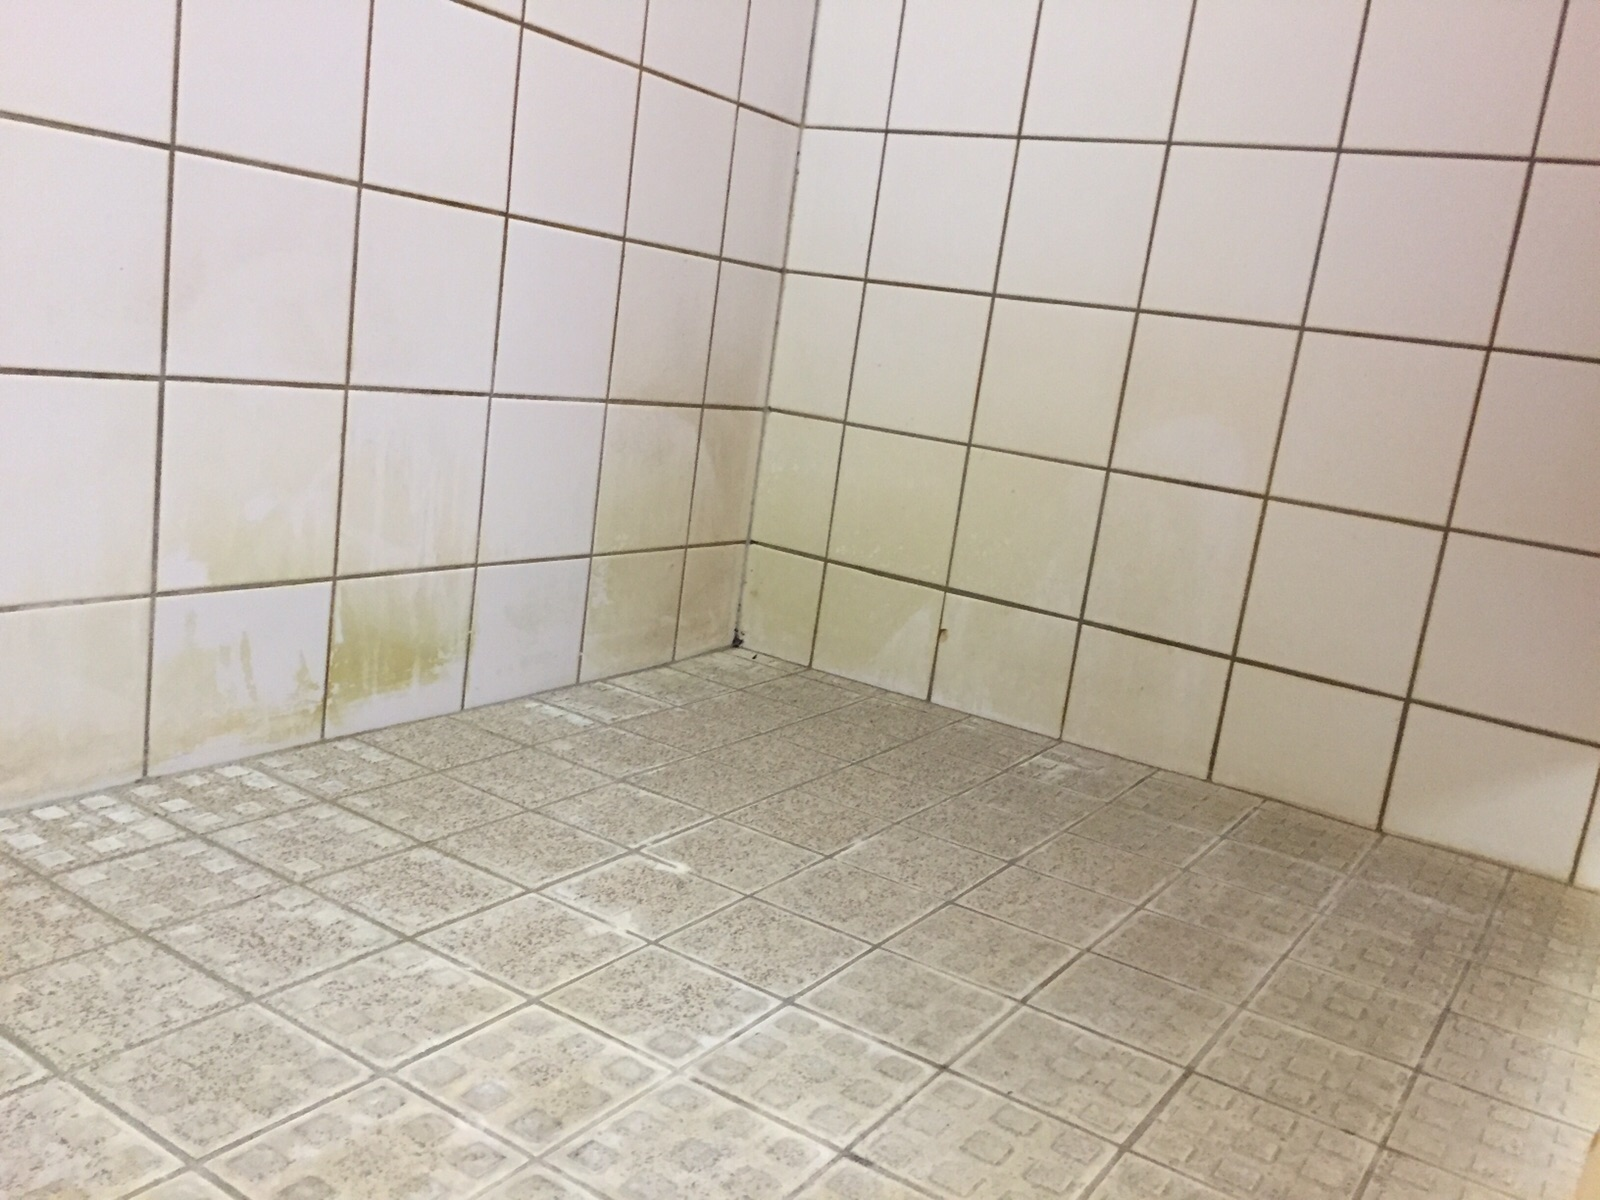 Douchewand Glas Schoonmaken : Douche glas reinigen nano coating badkamer druppels hechten niet